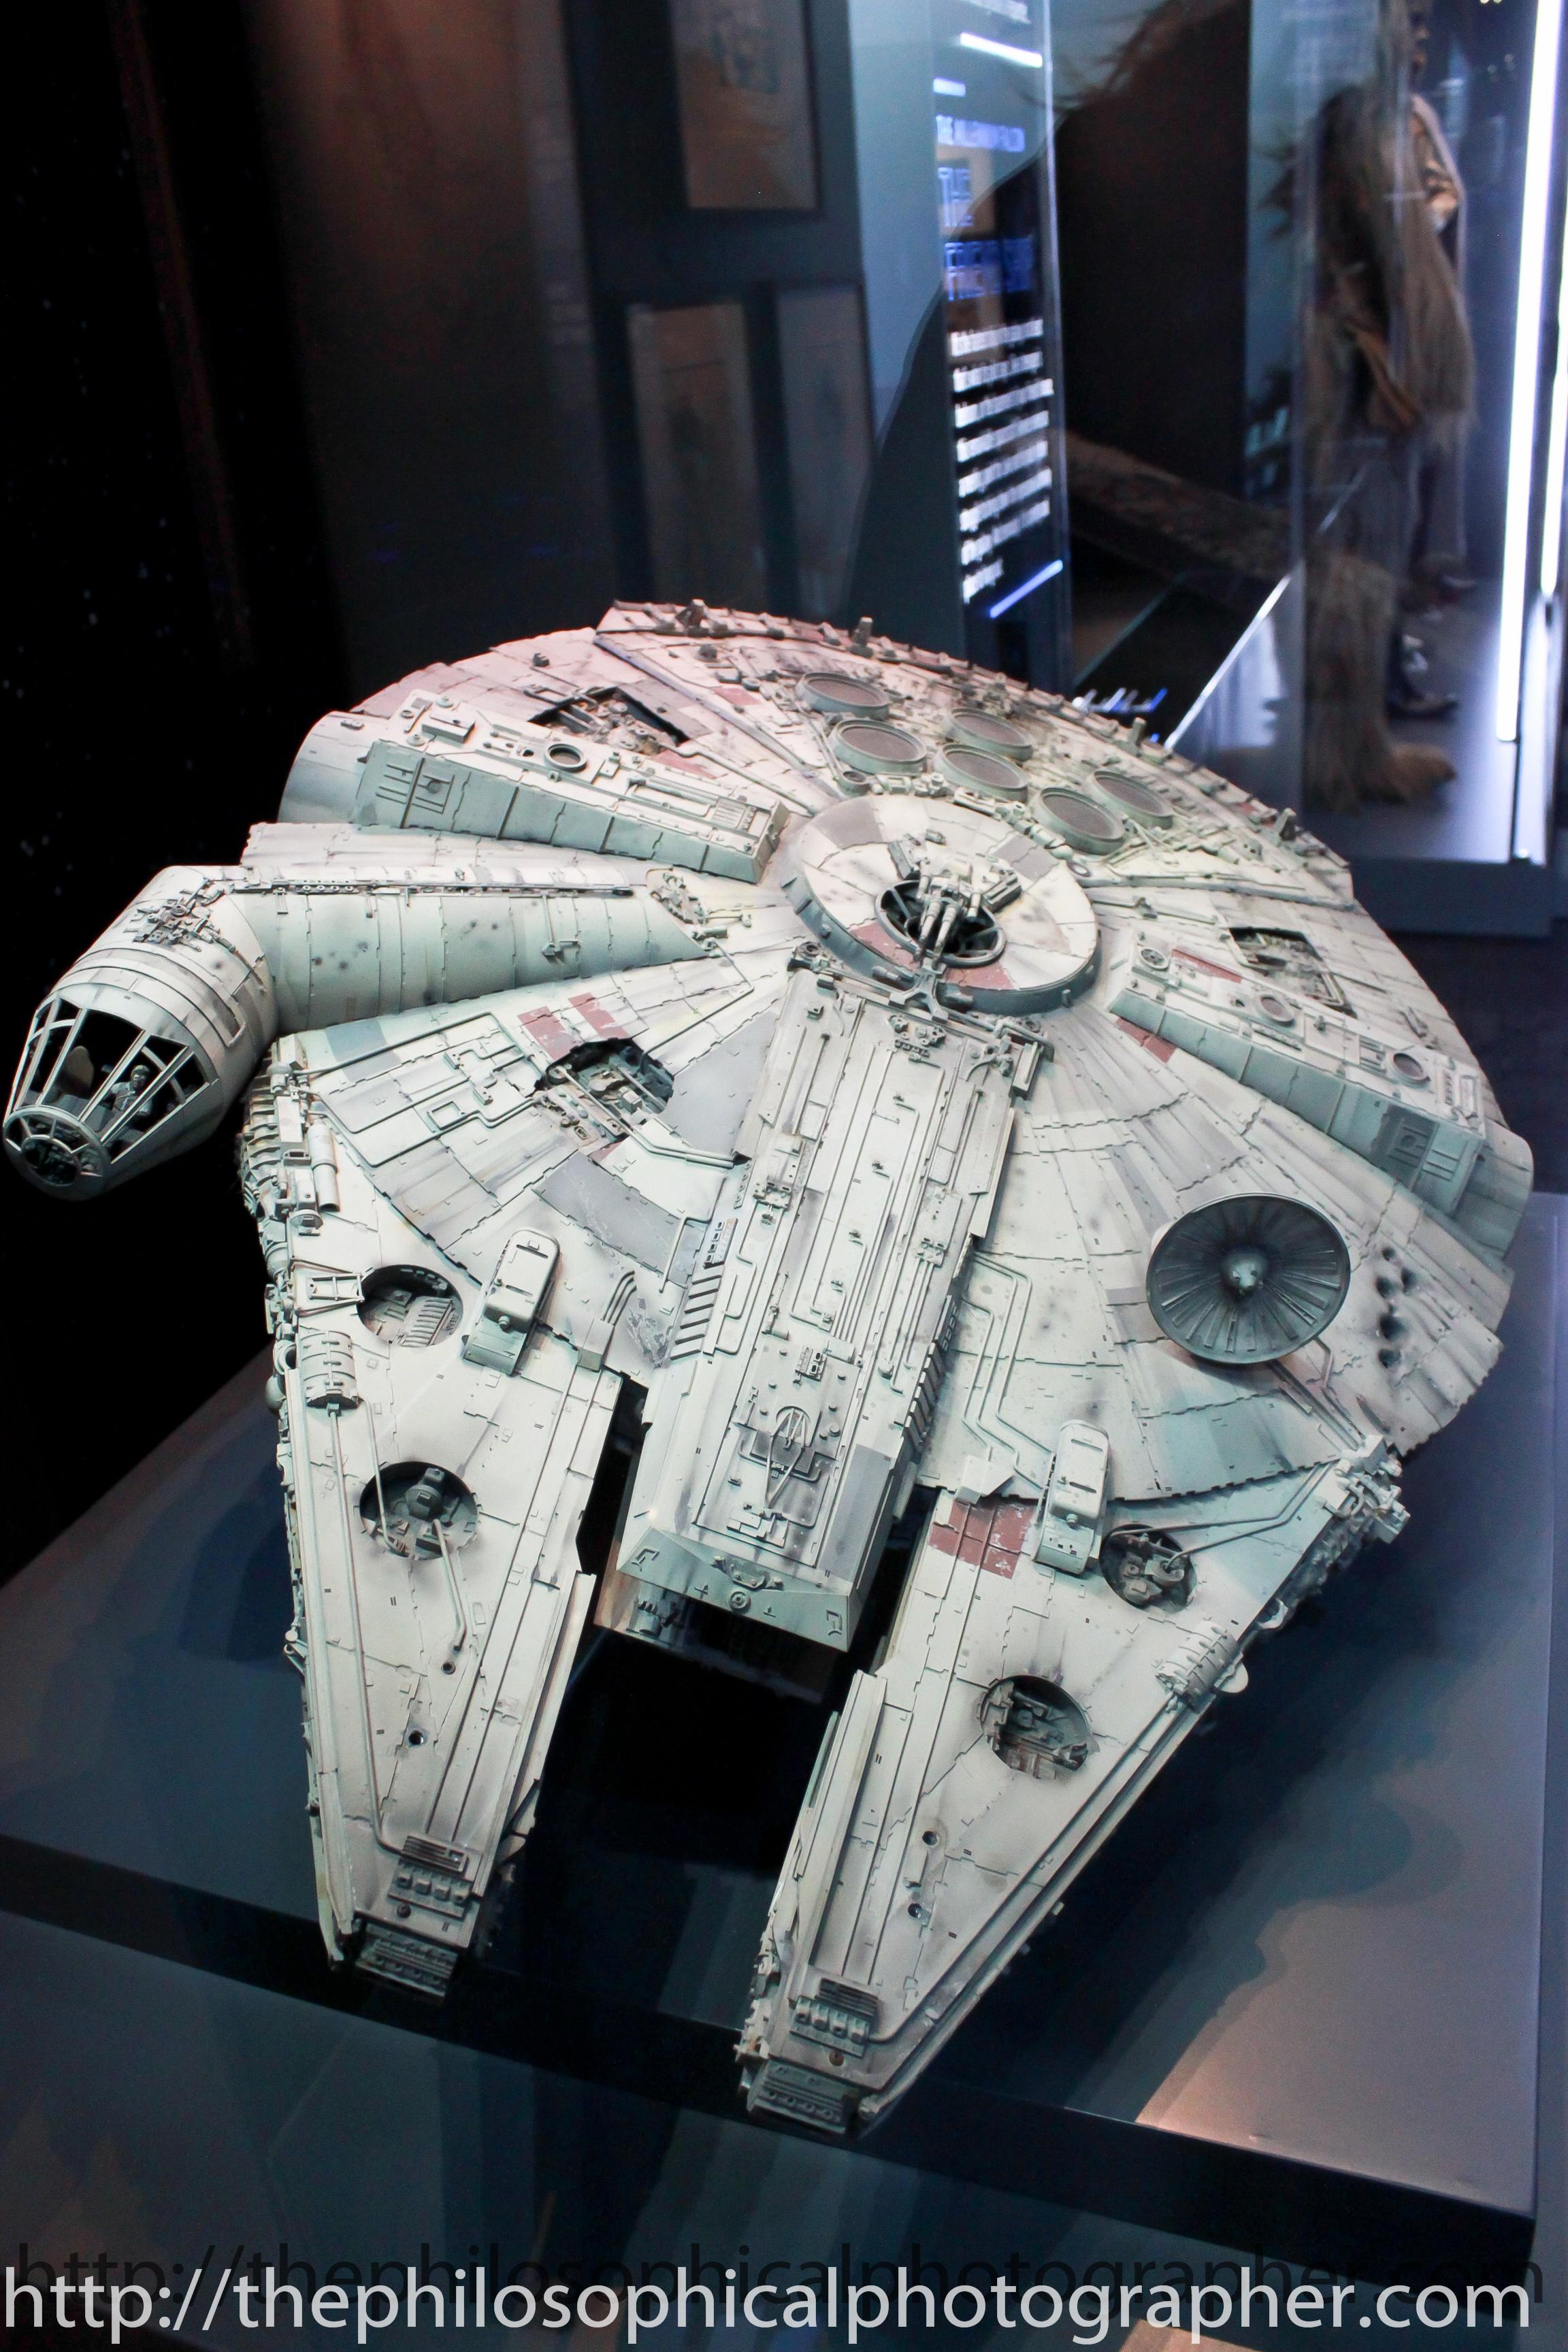 The Millenium Falcon Original Model